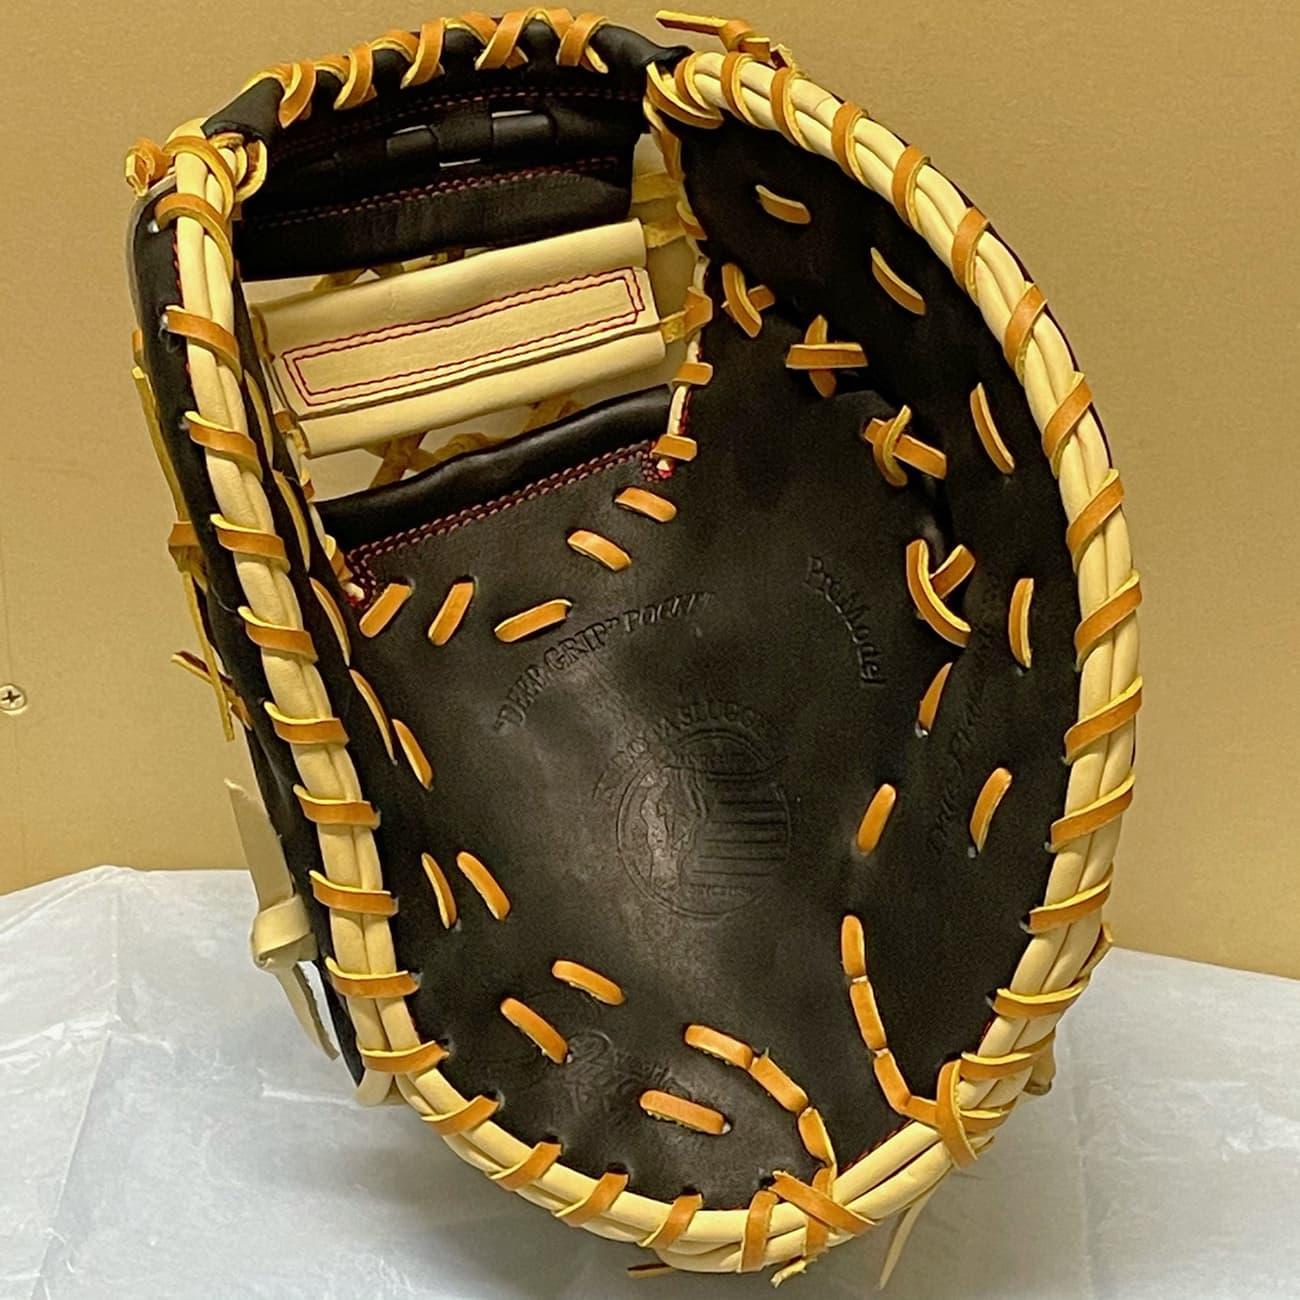 【久保田スラッガー】軟式野球用ファーストミット:KSF333(右投げ)捕球面1